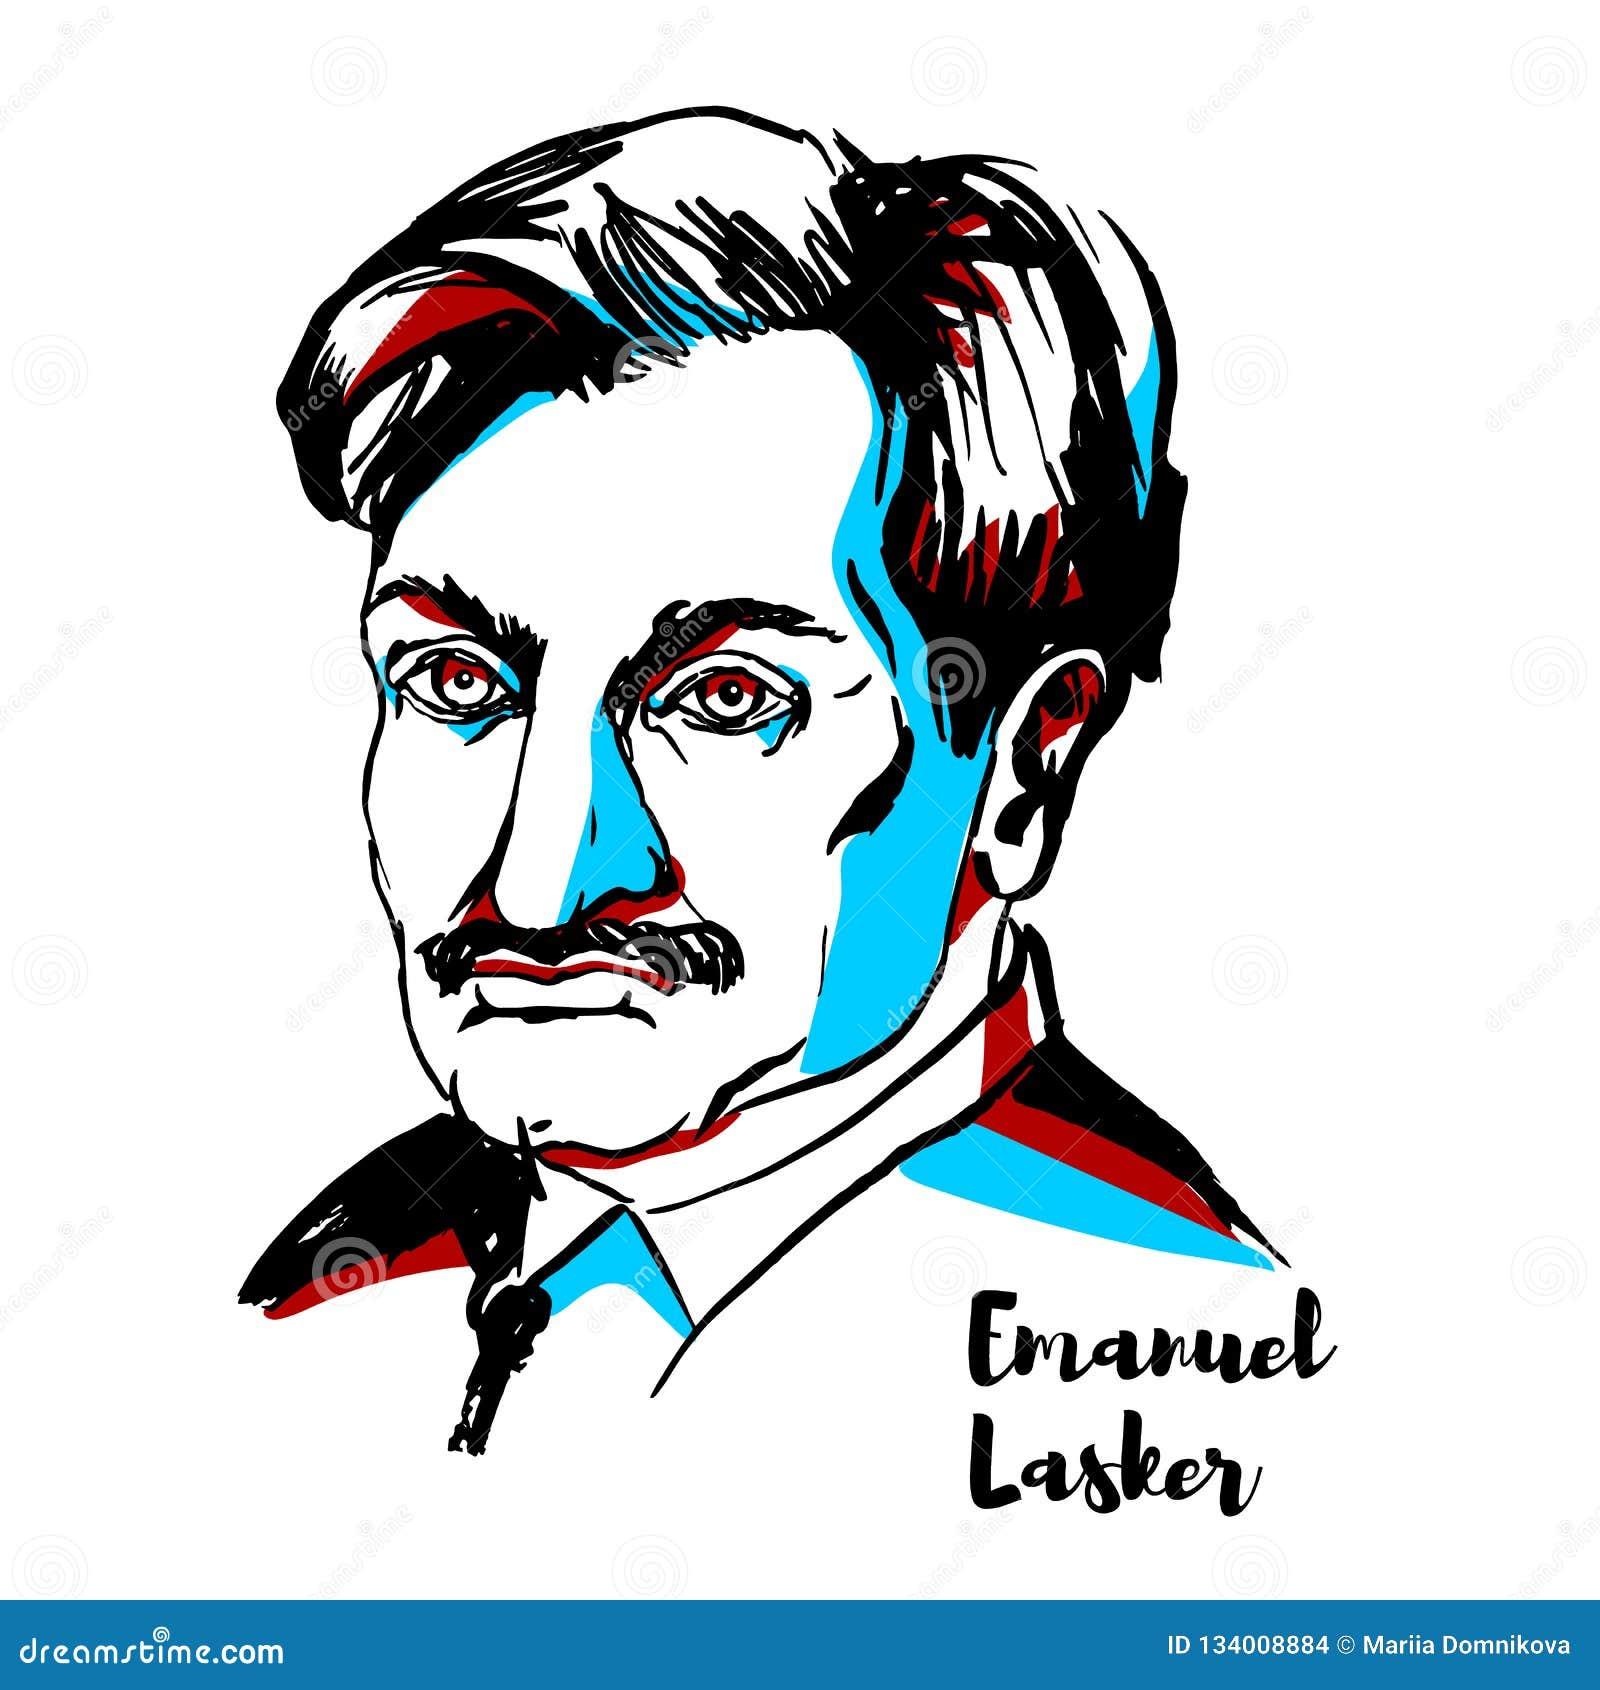 Emanuel Lasker Portrait